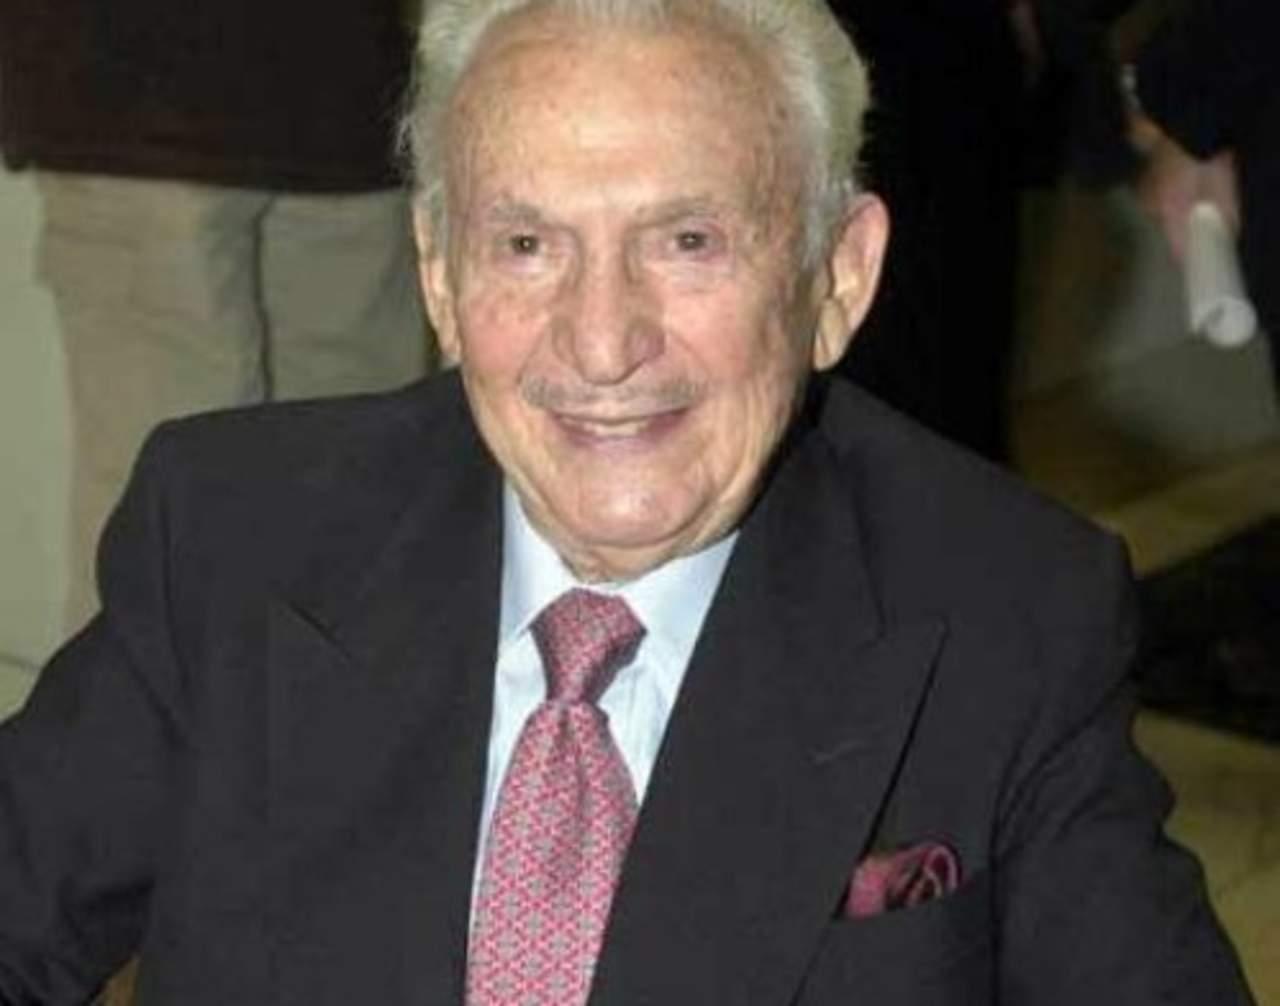 2007: El cine llora la muerte de Alfredo Ripstein, destacado productor mexicano